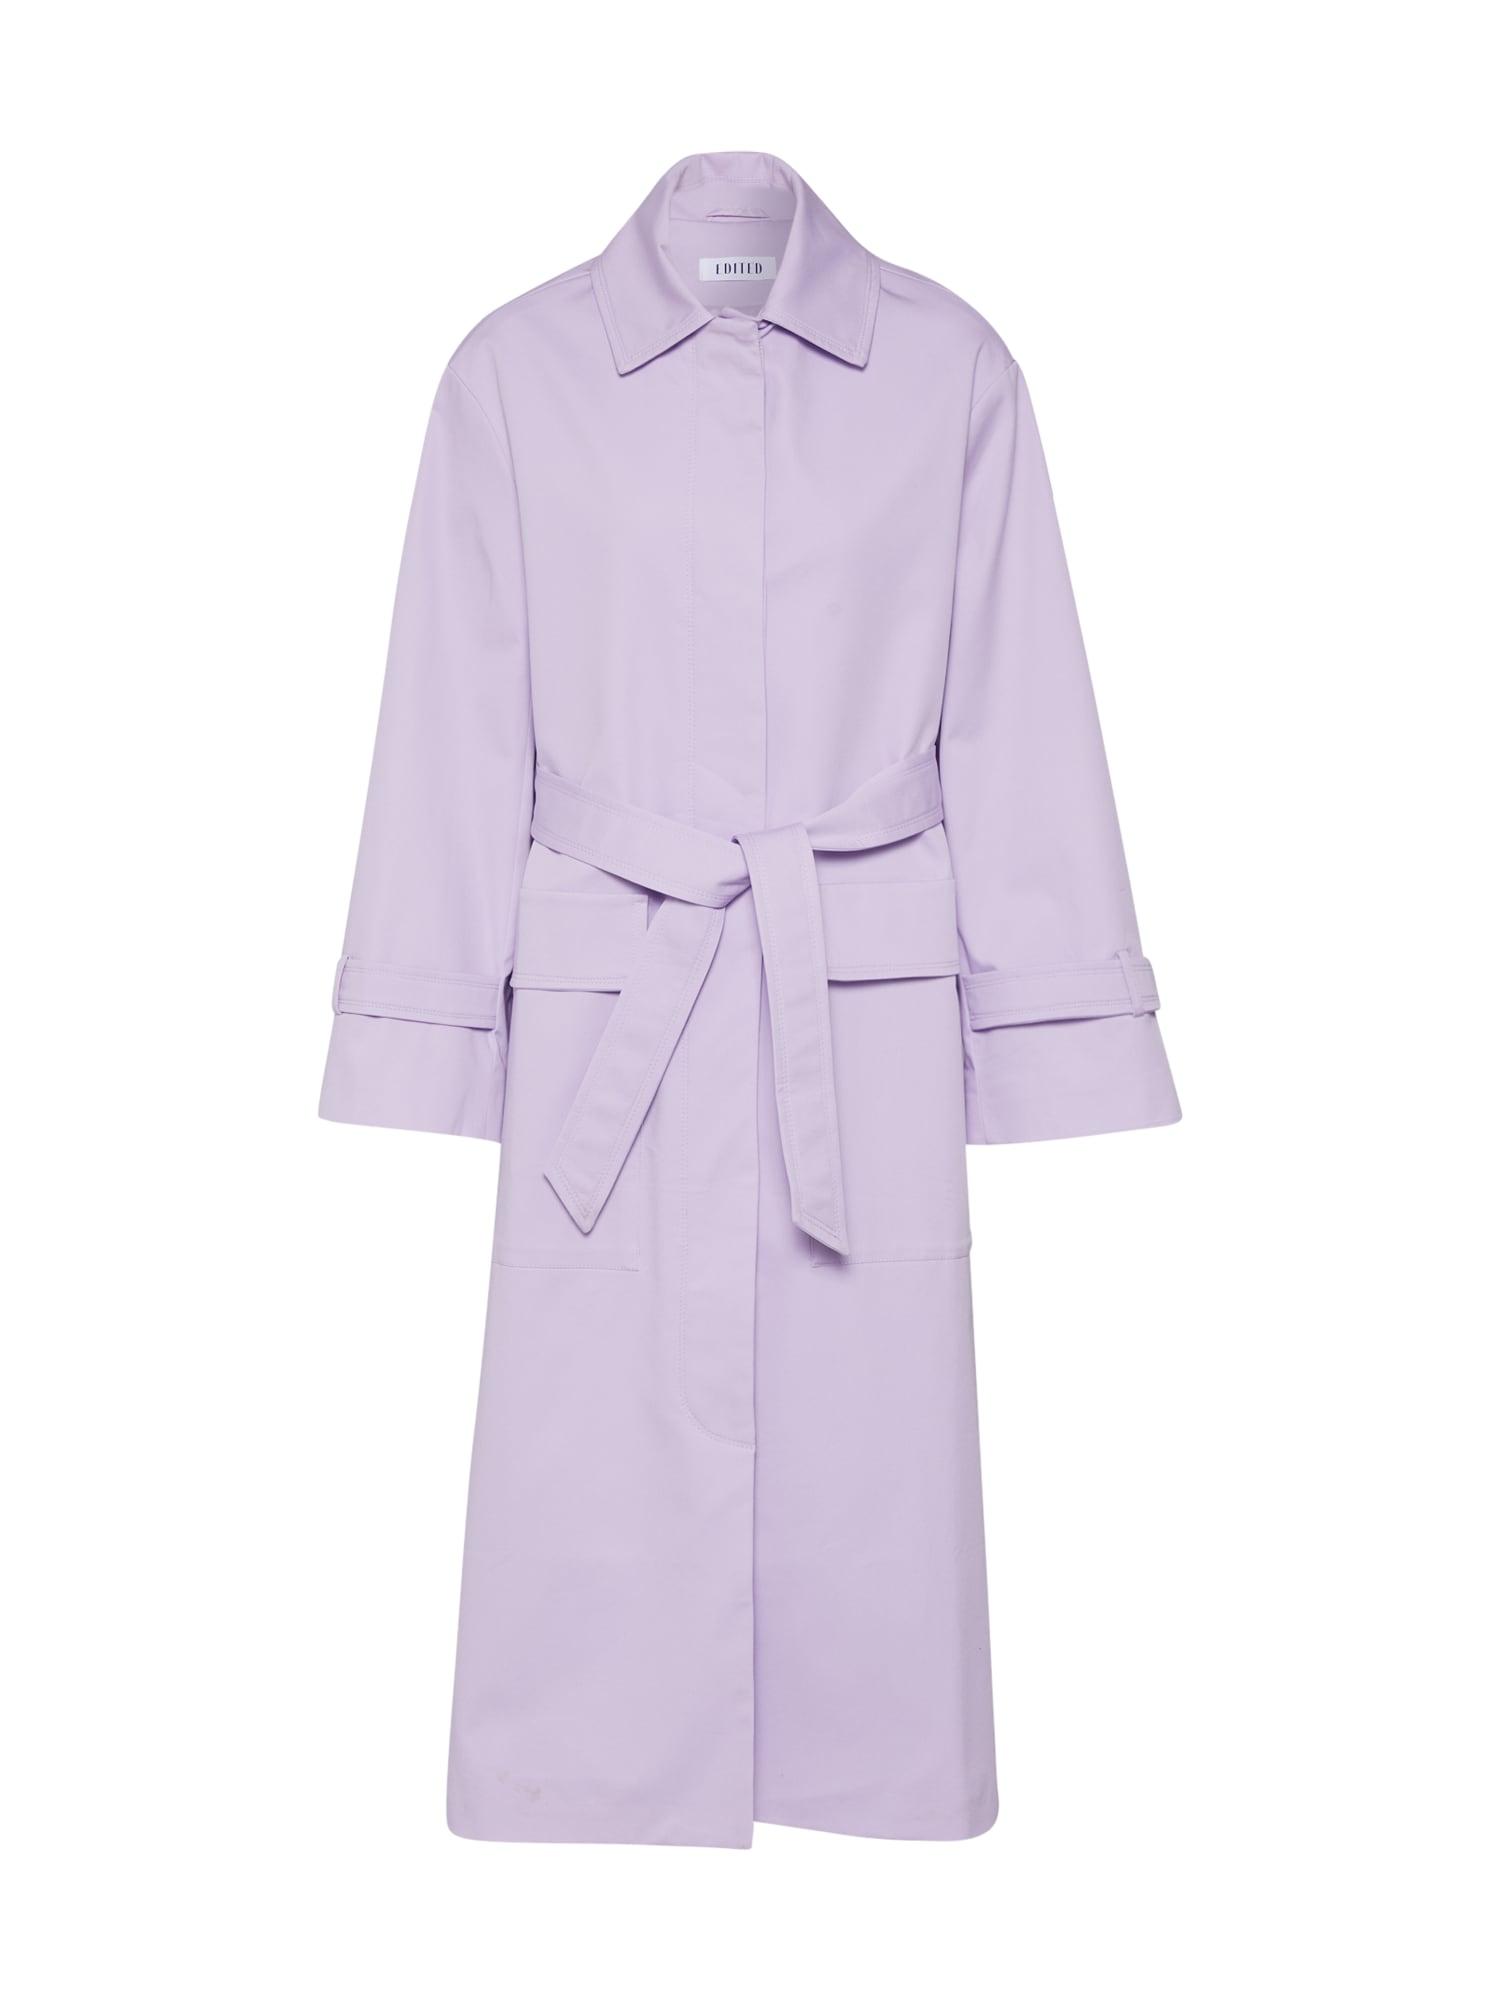 EDITED Rudeninis-žieminis paltas 'Filip' alyvinė spalva